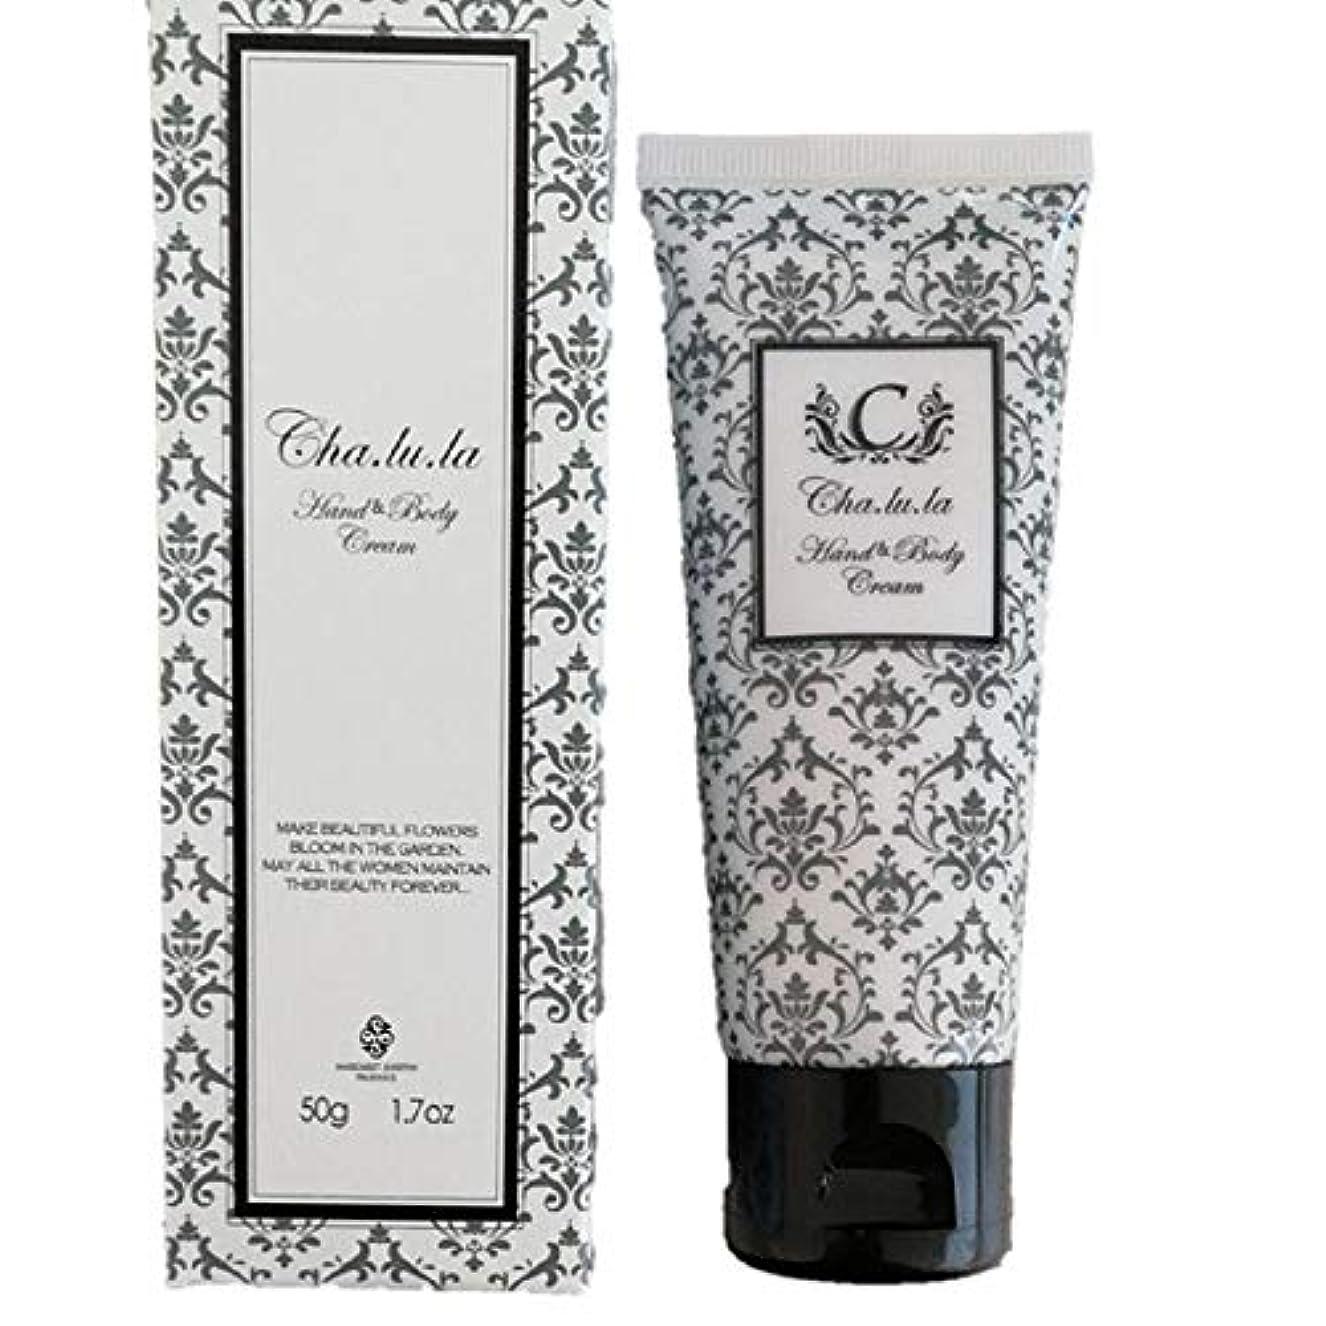 カーフくさび出会いシャルラ H&Bクリーム ノーブルブロッサムの香り ハンド&ボディークリーム 50g